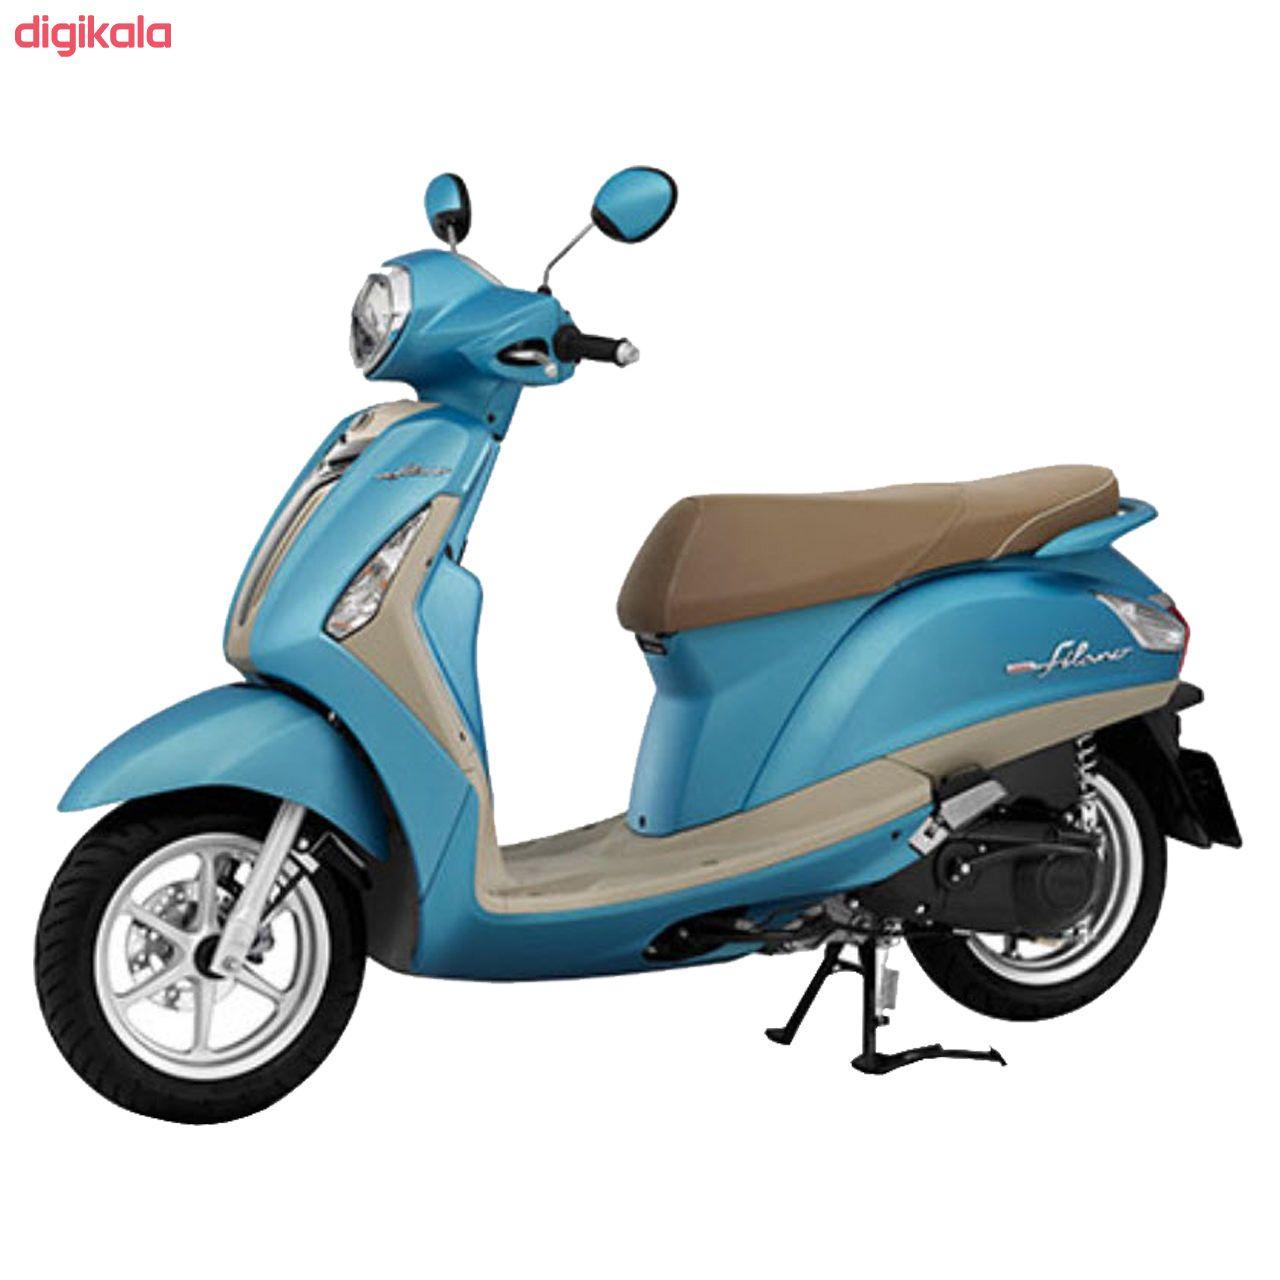 موتورسیکلت یاماها مدل GRAND FILANO ABS حجم 125 سی سی سال 1399 main 1 1